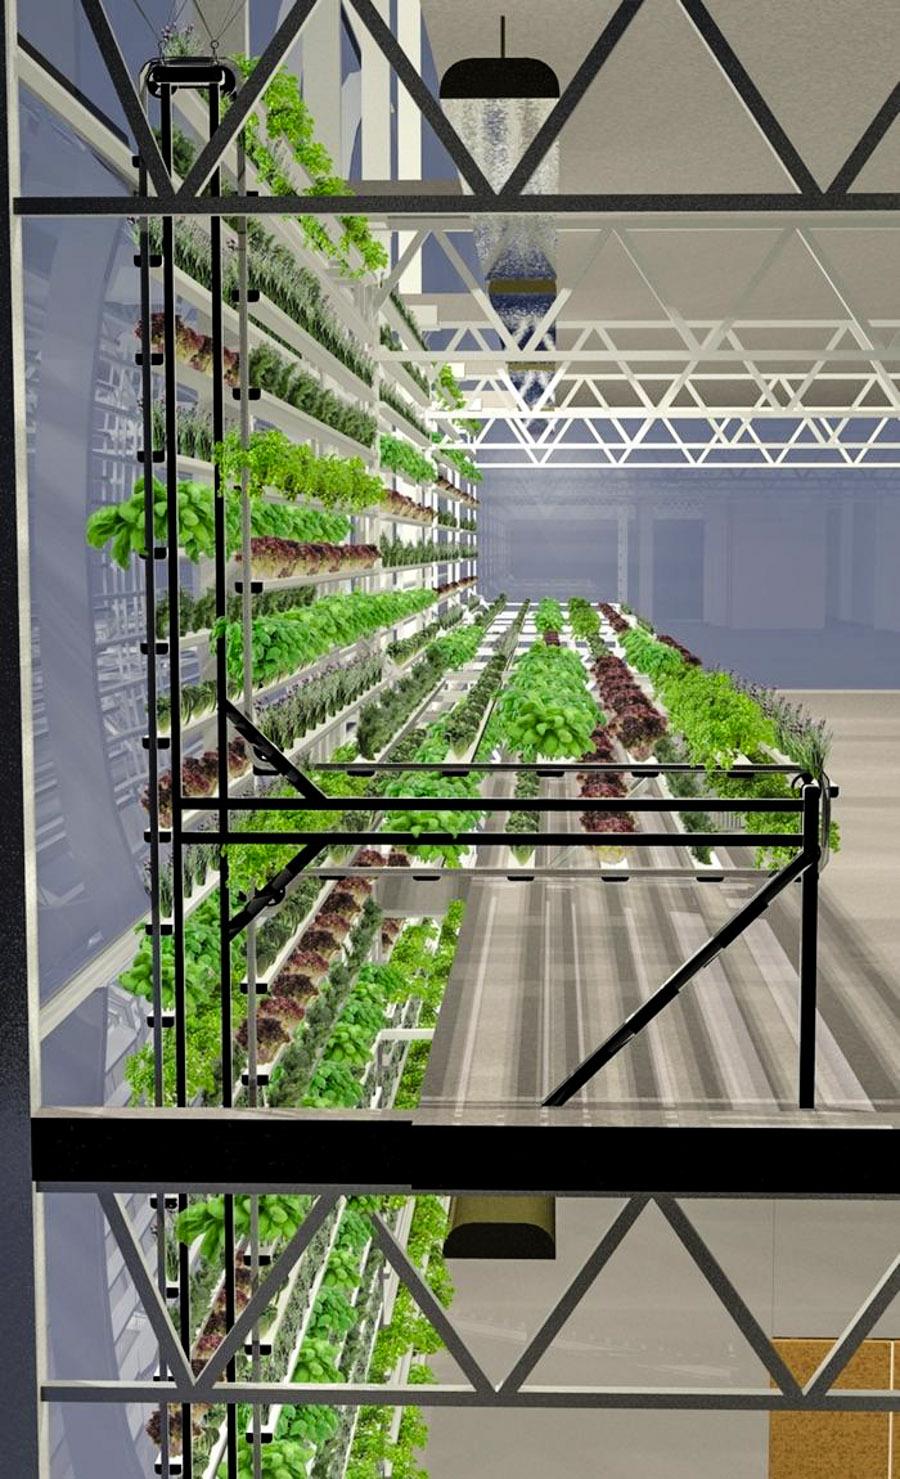 2_vertical farm